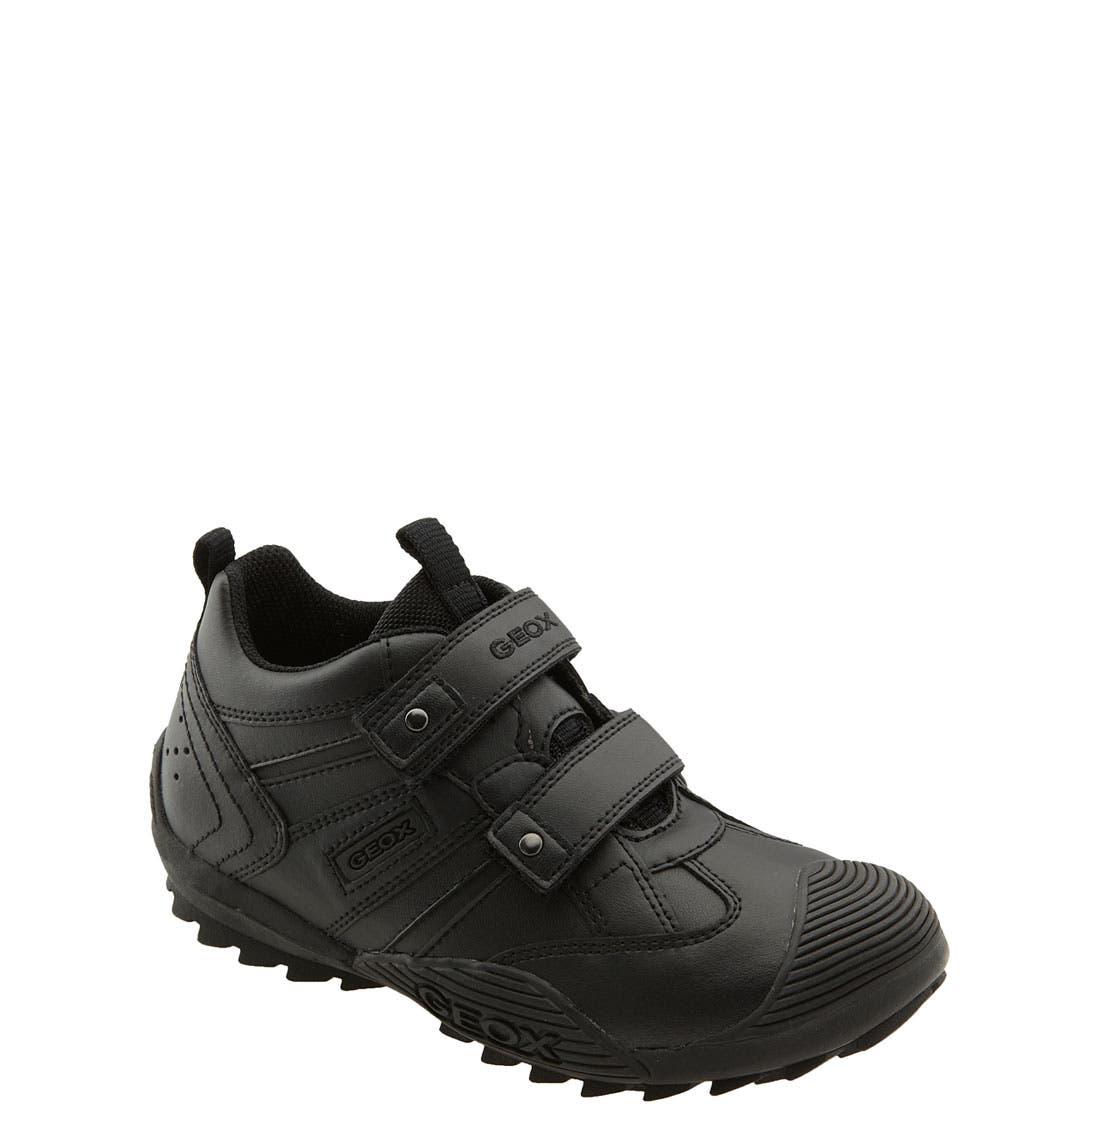 Alternate Image 1 Selected - Geox 'Savage' Sneaker (Toddler, Little Kid & Big Kid)